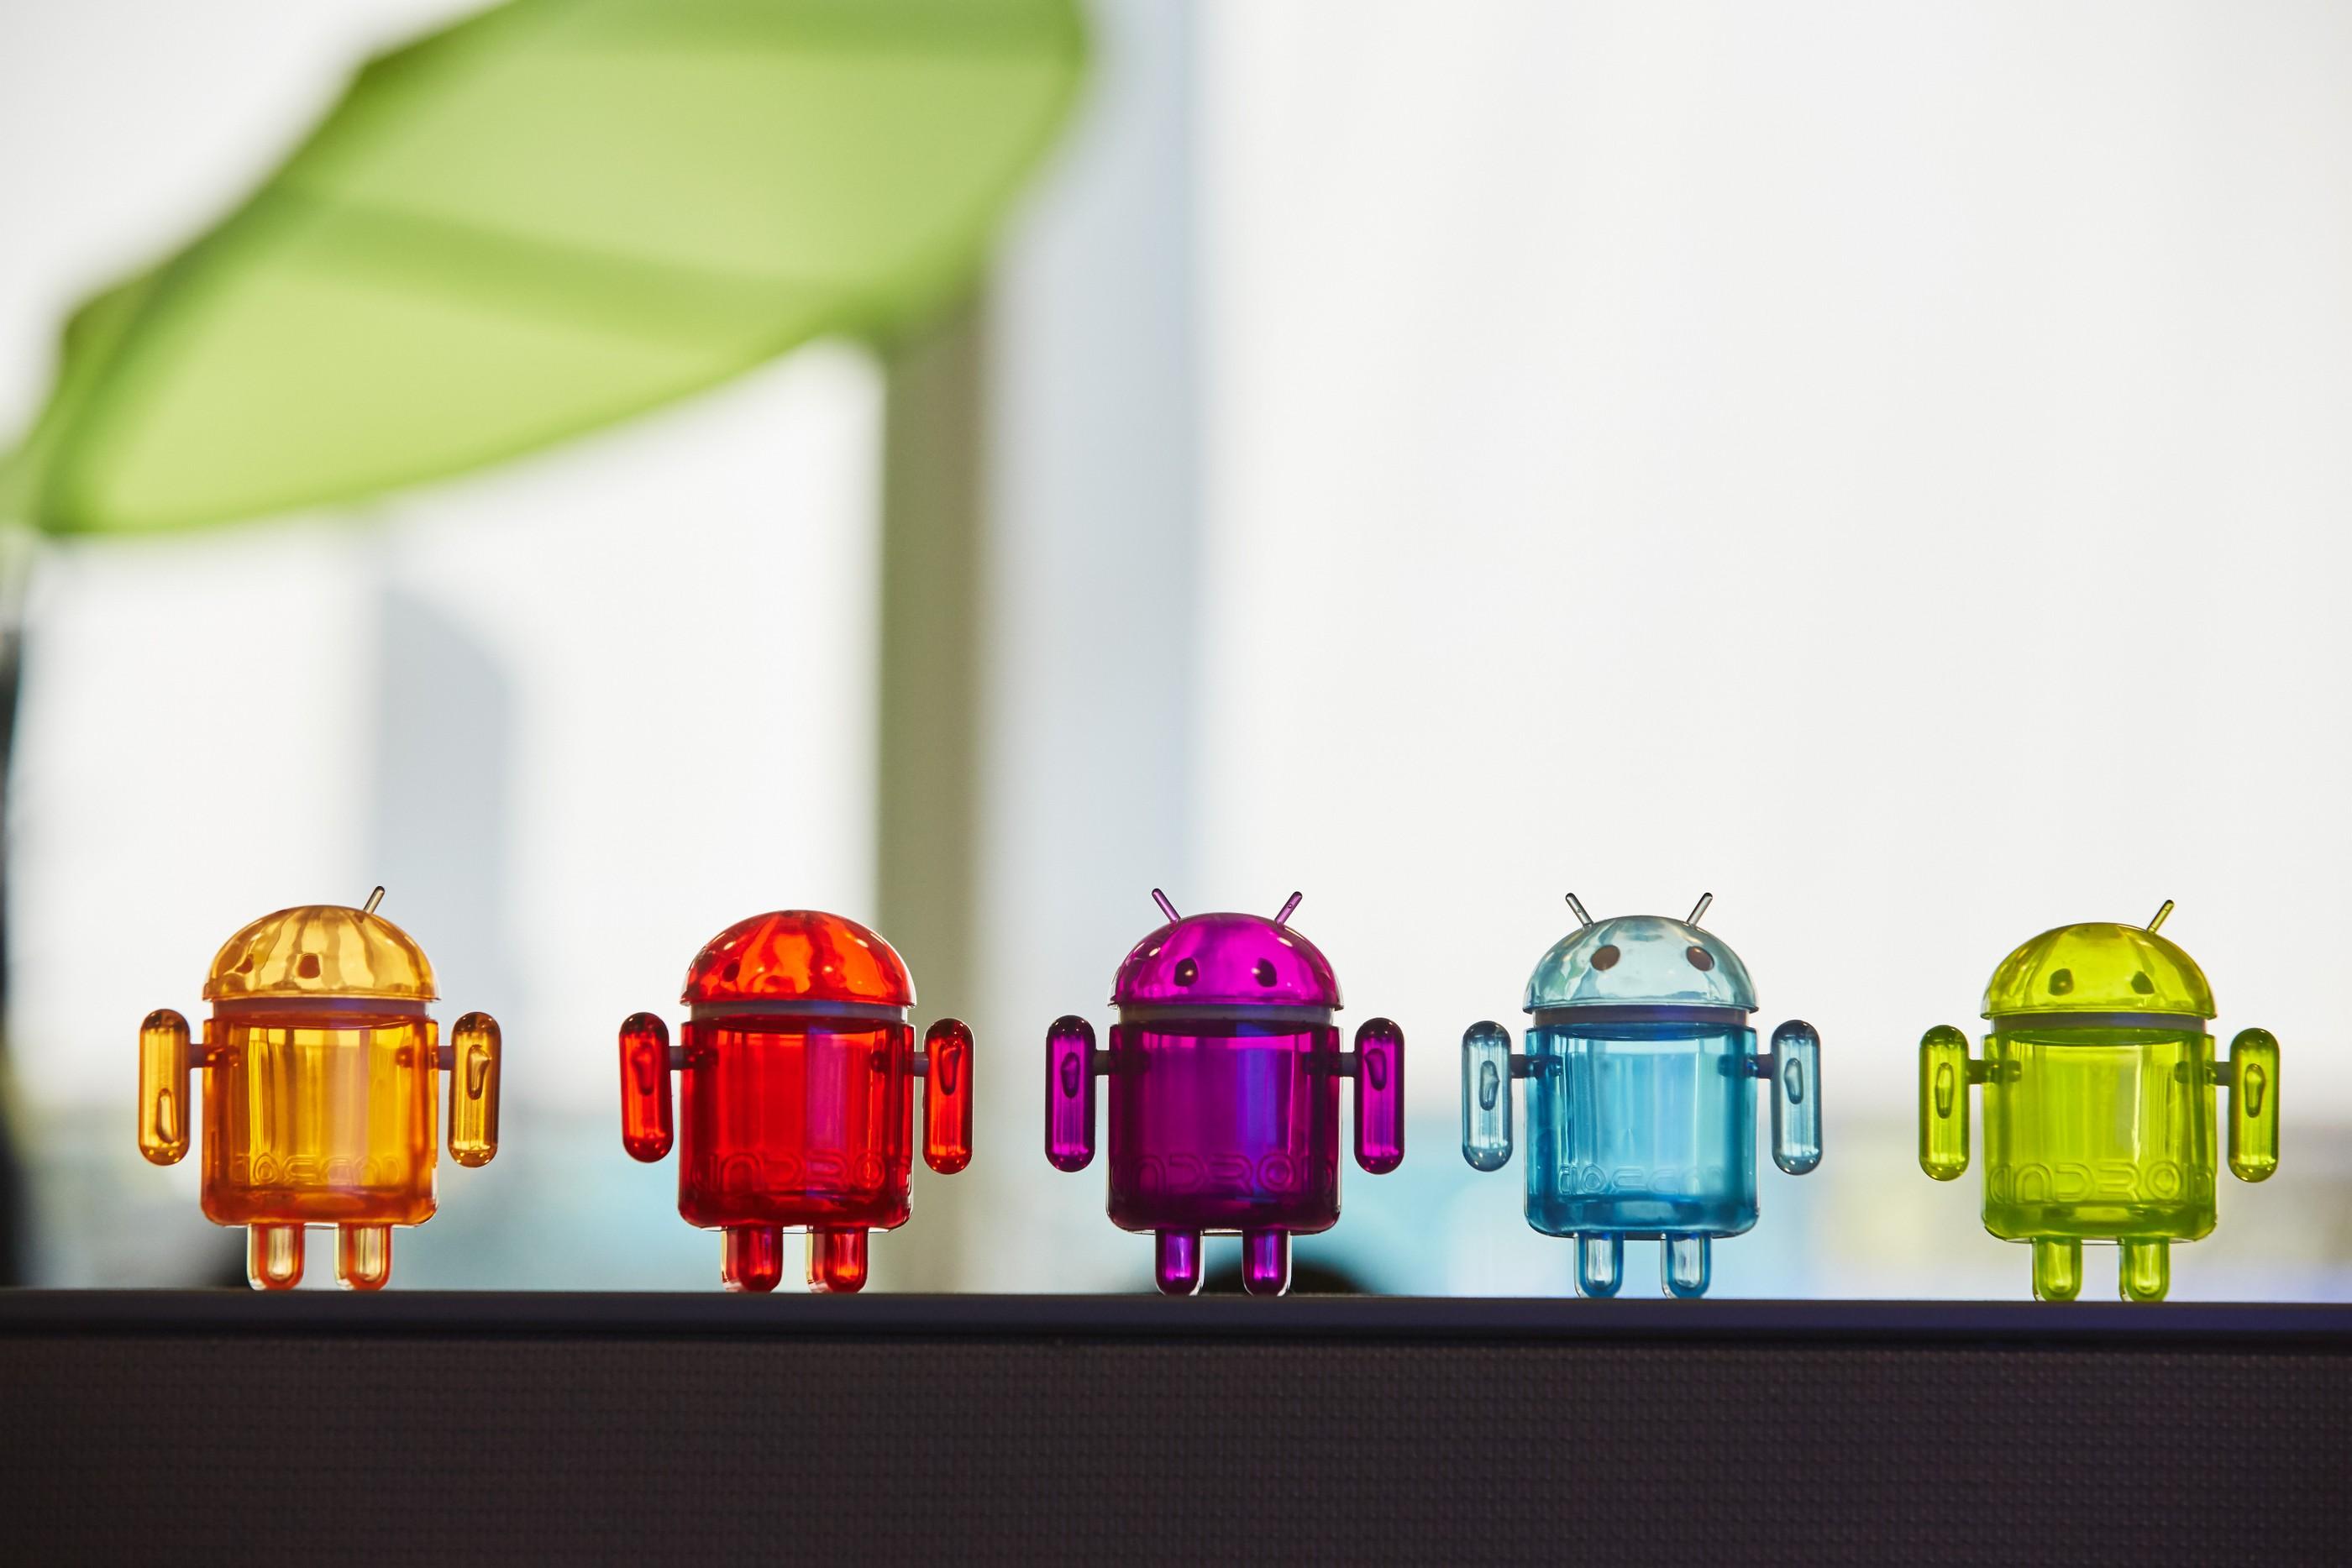 Apps baixados 7 milhões de vezes na Play Store contêm códigos de publicidade irregular, alerta empresa